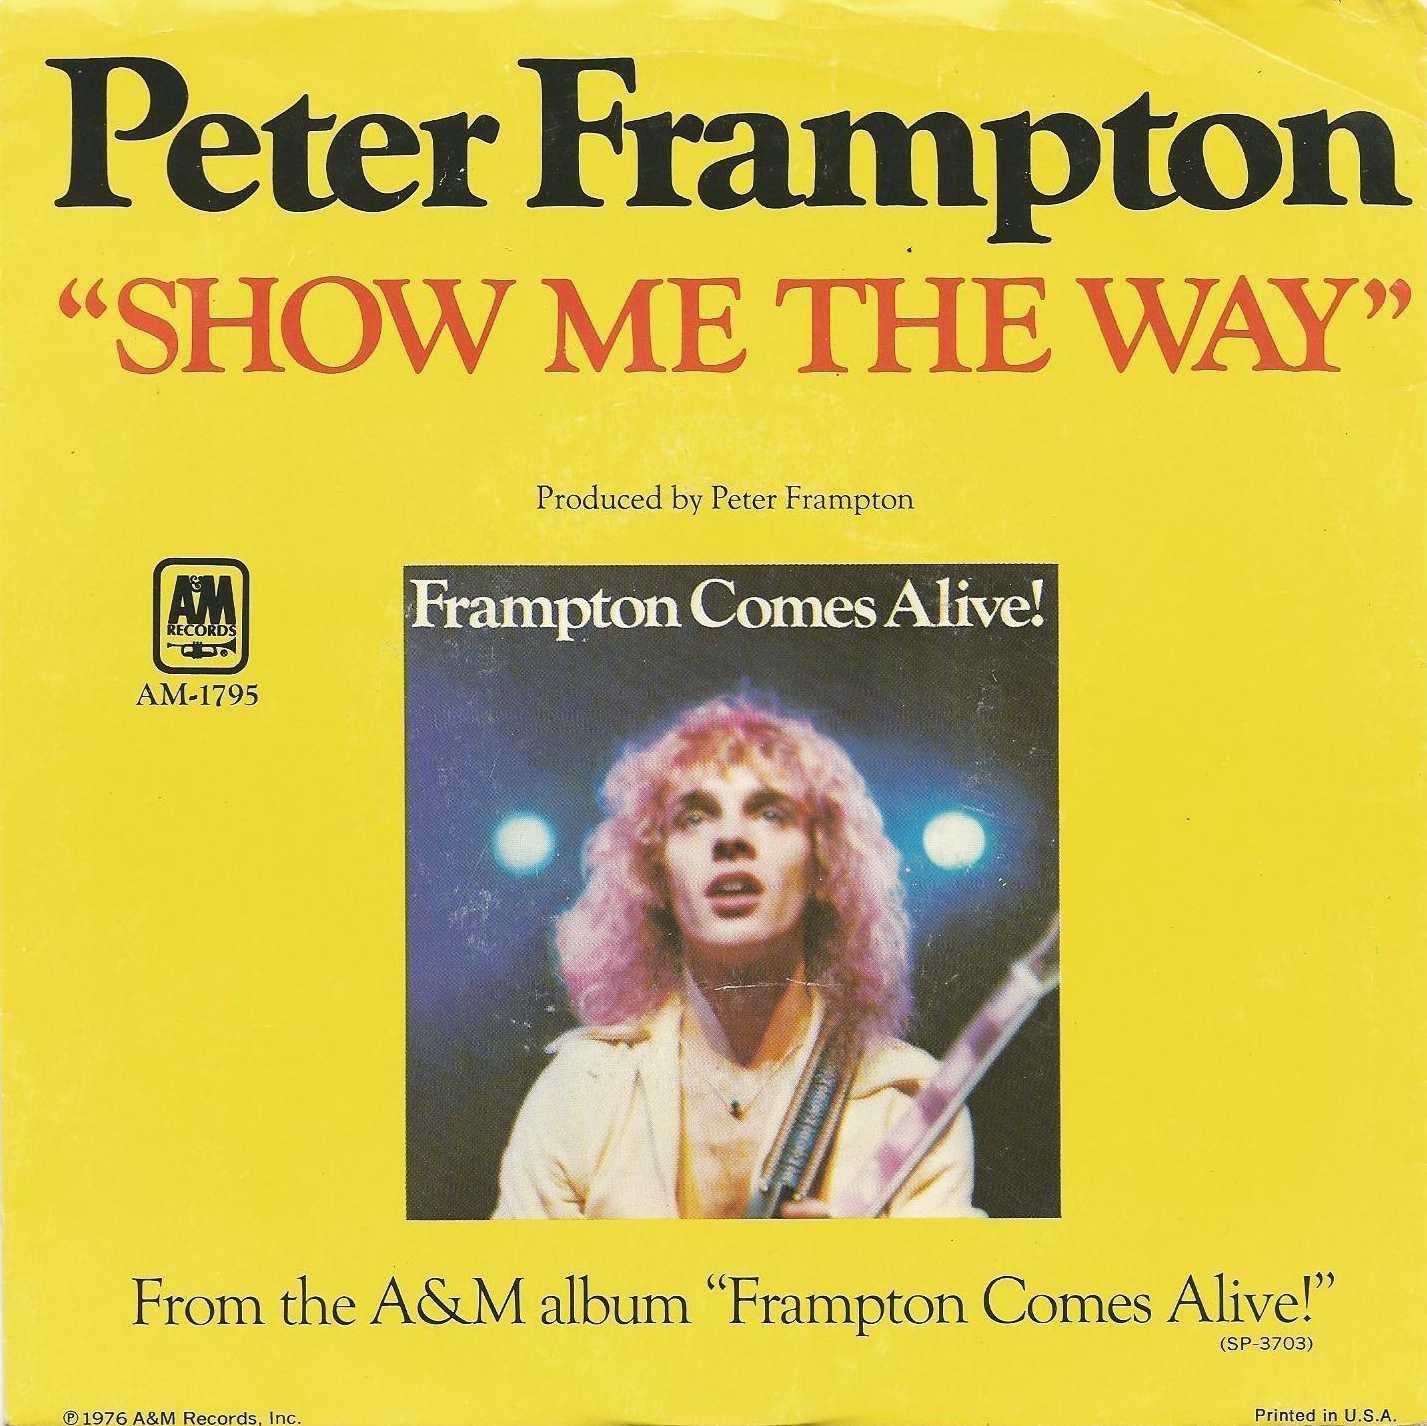 Peter Frampton Show Me the Way